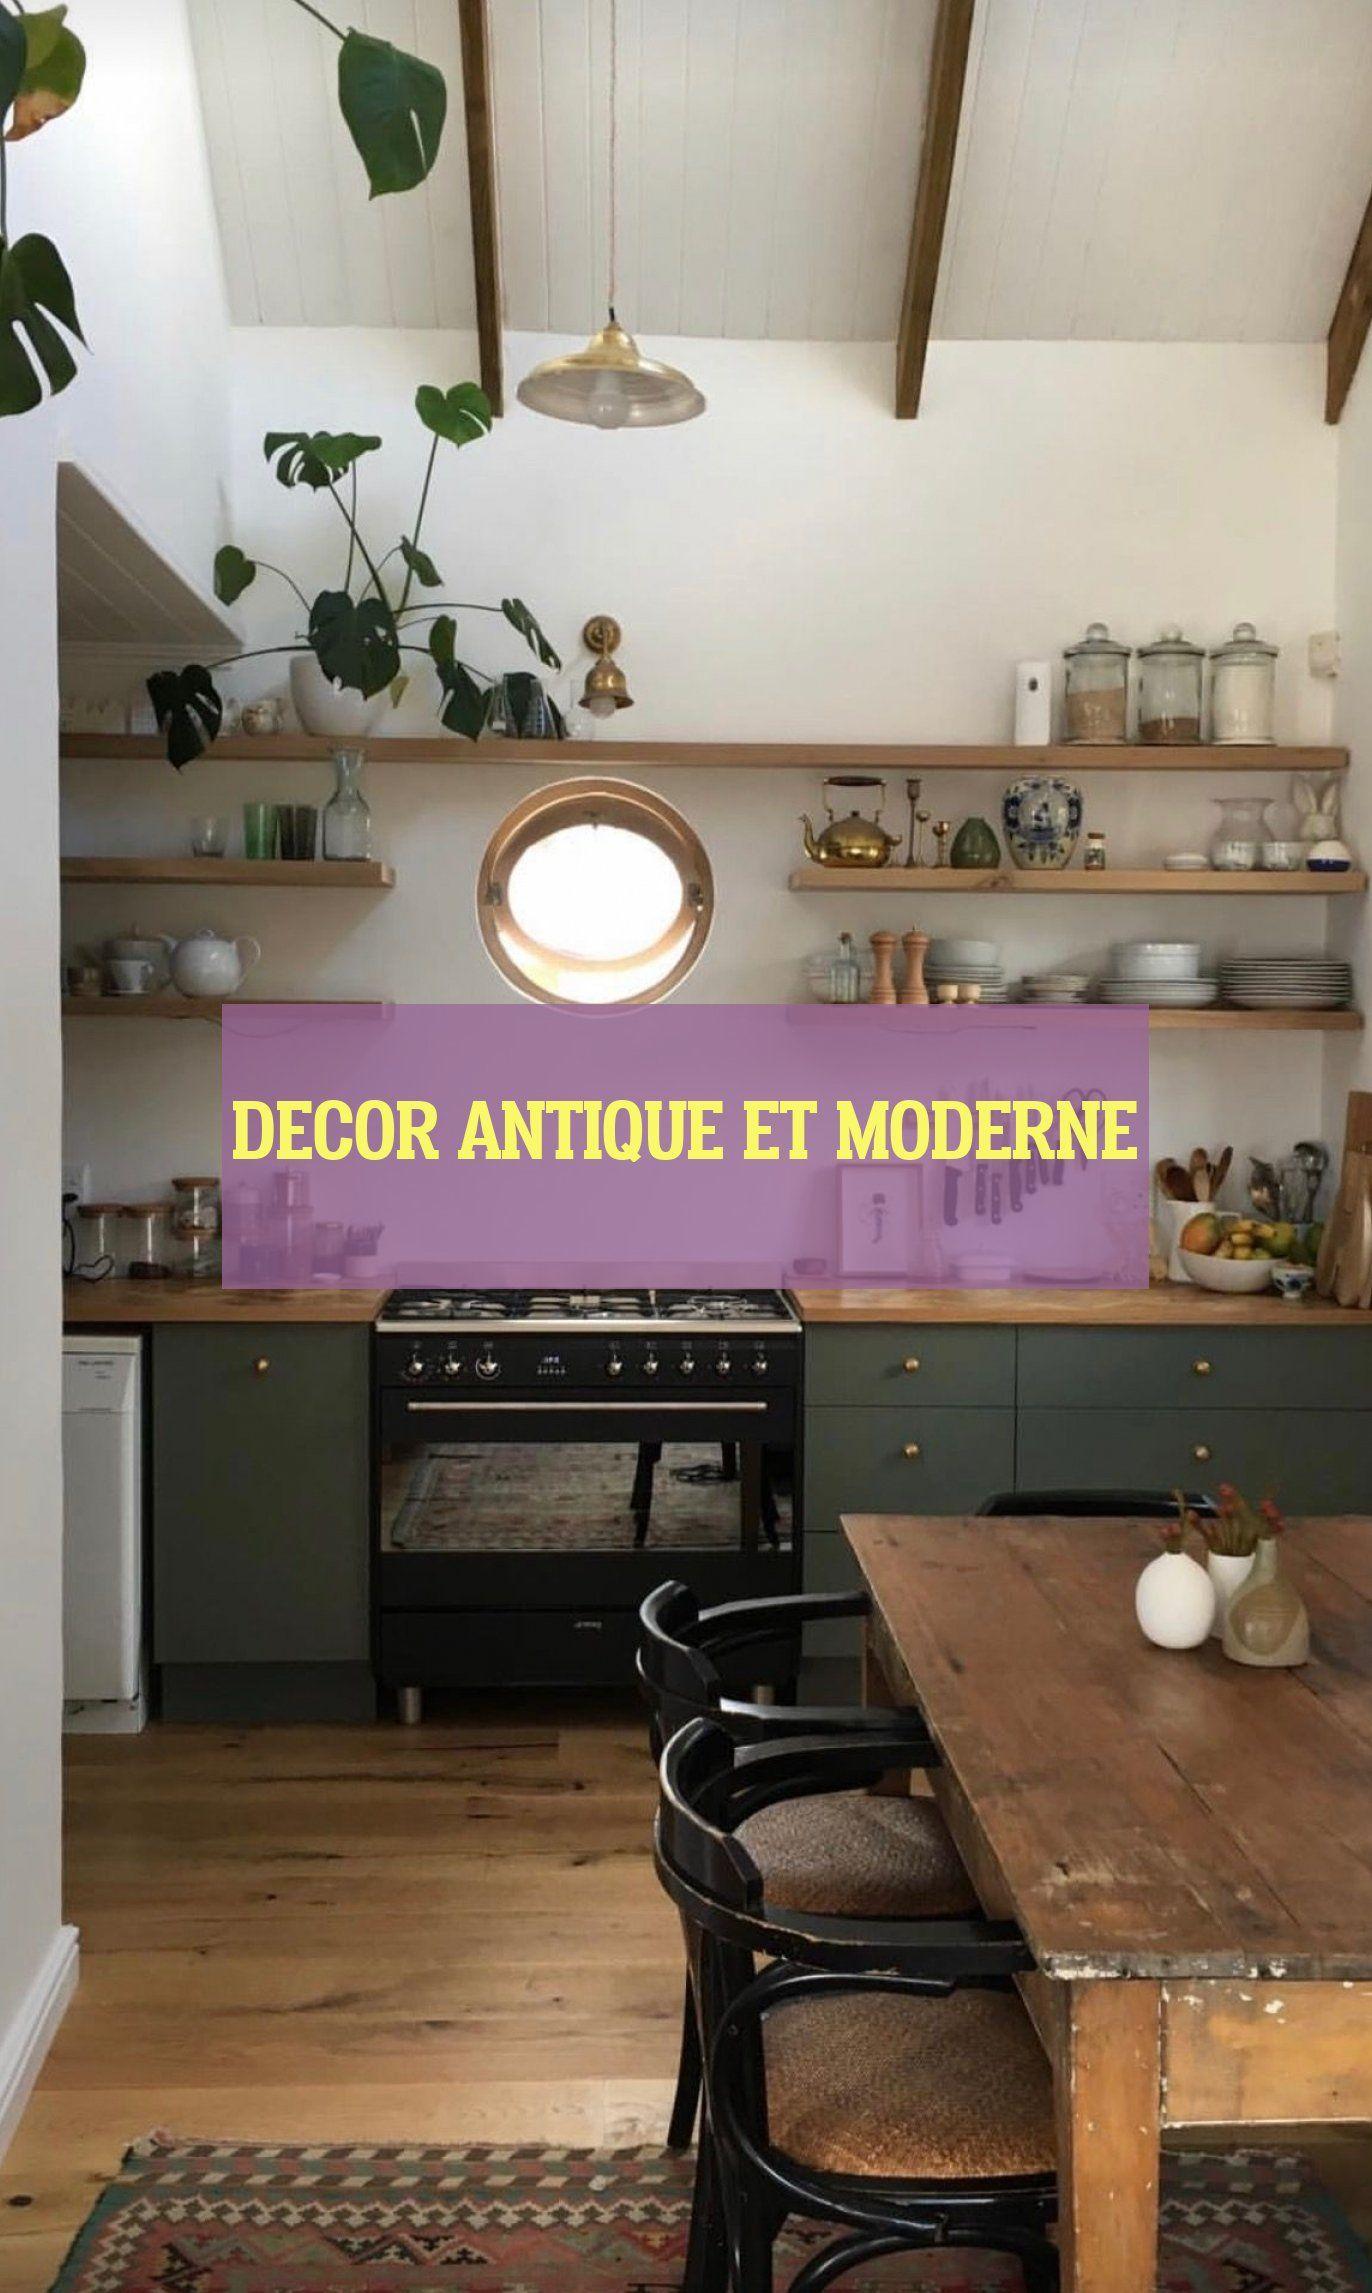 decor antique et moderne